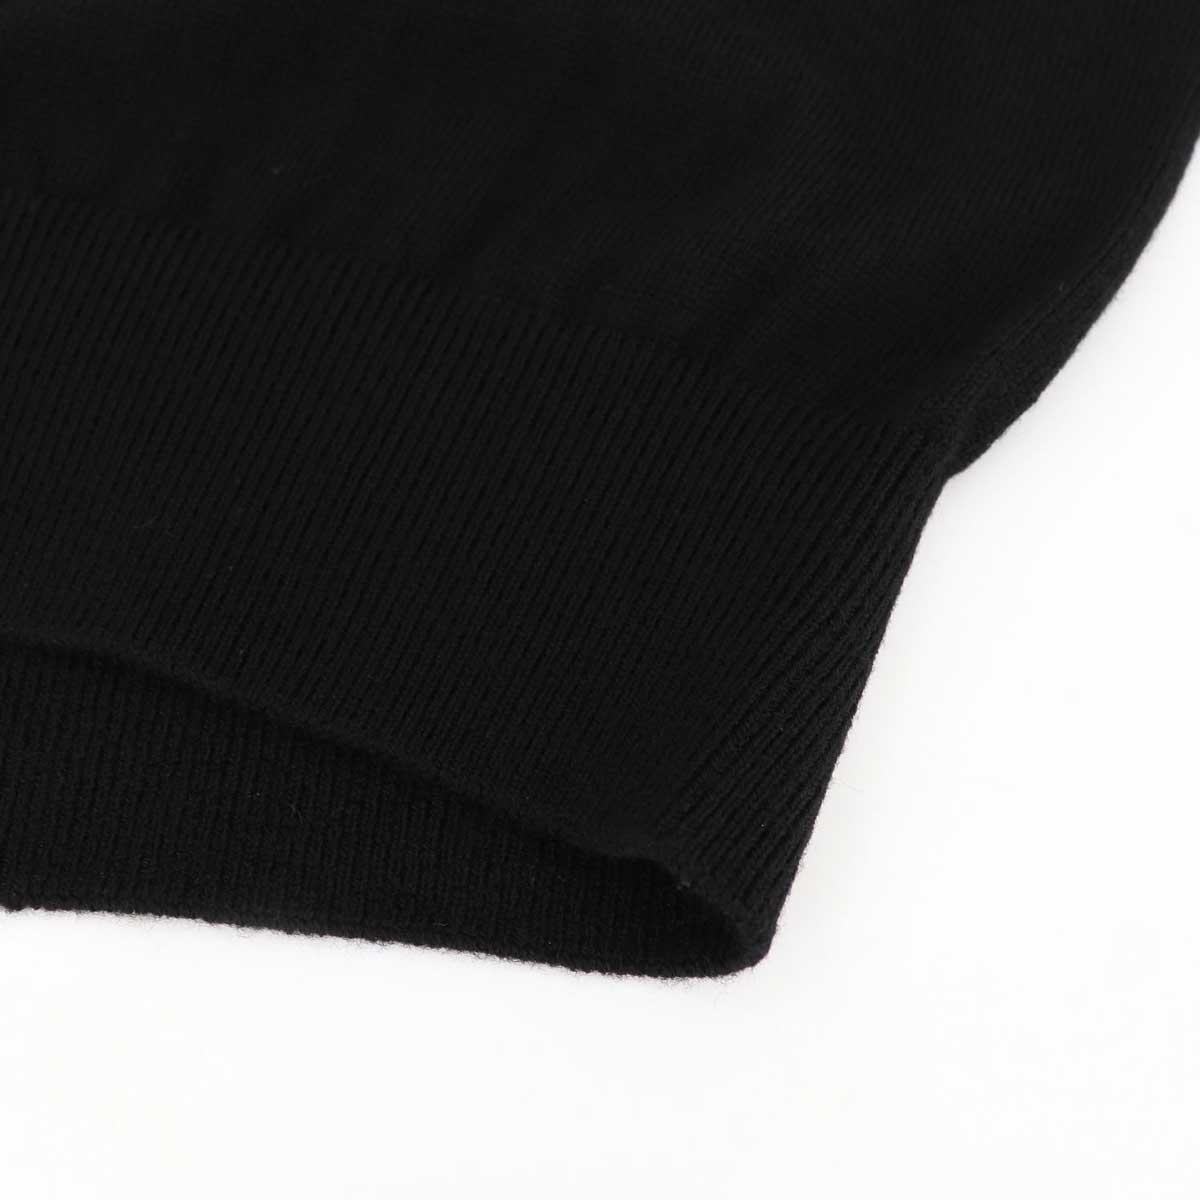 タートルネックセーター SL190001 BLACK(ブラック)